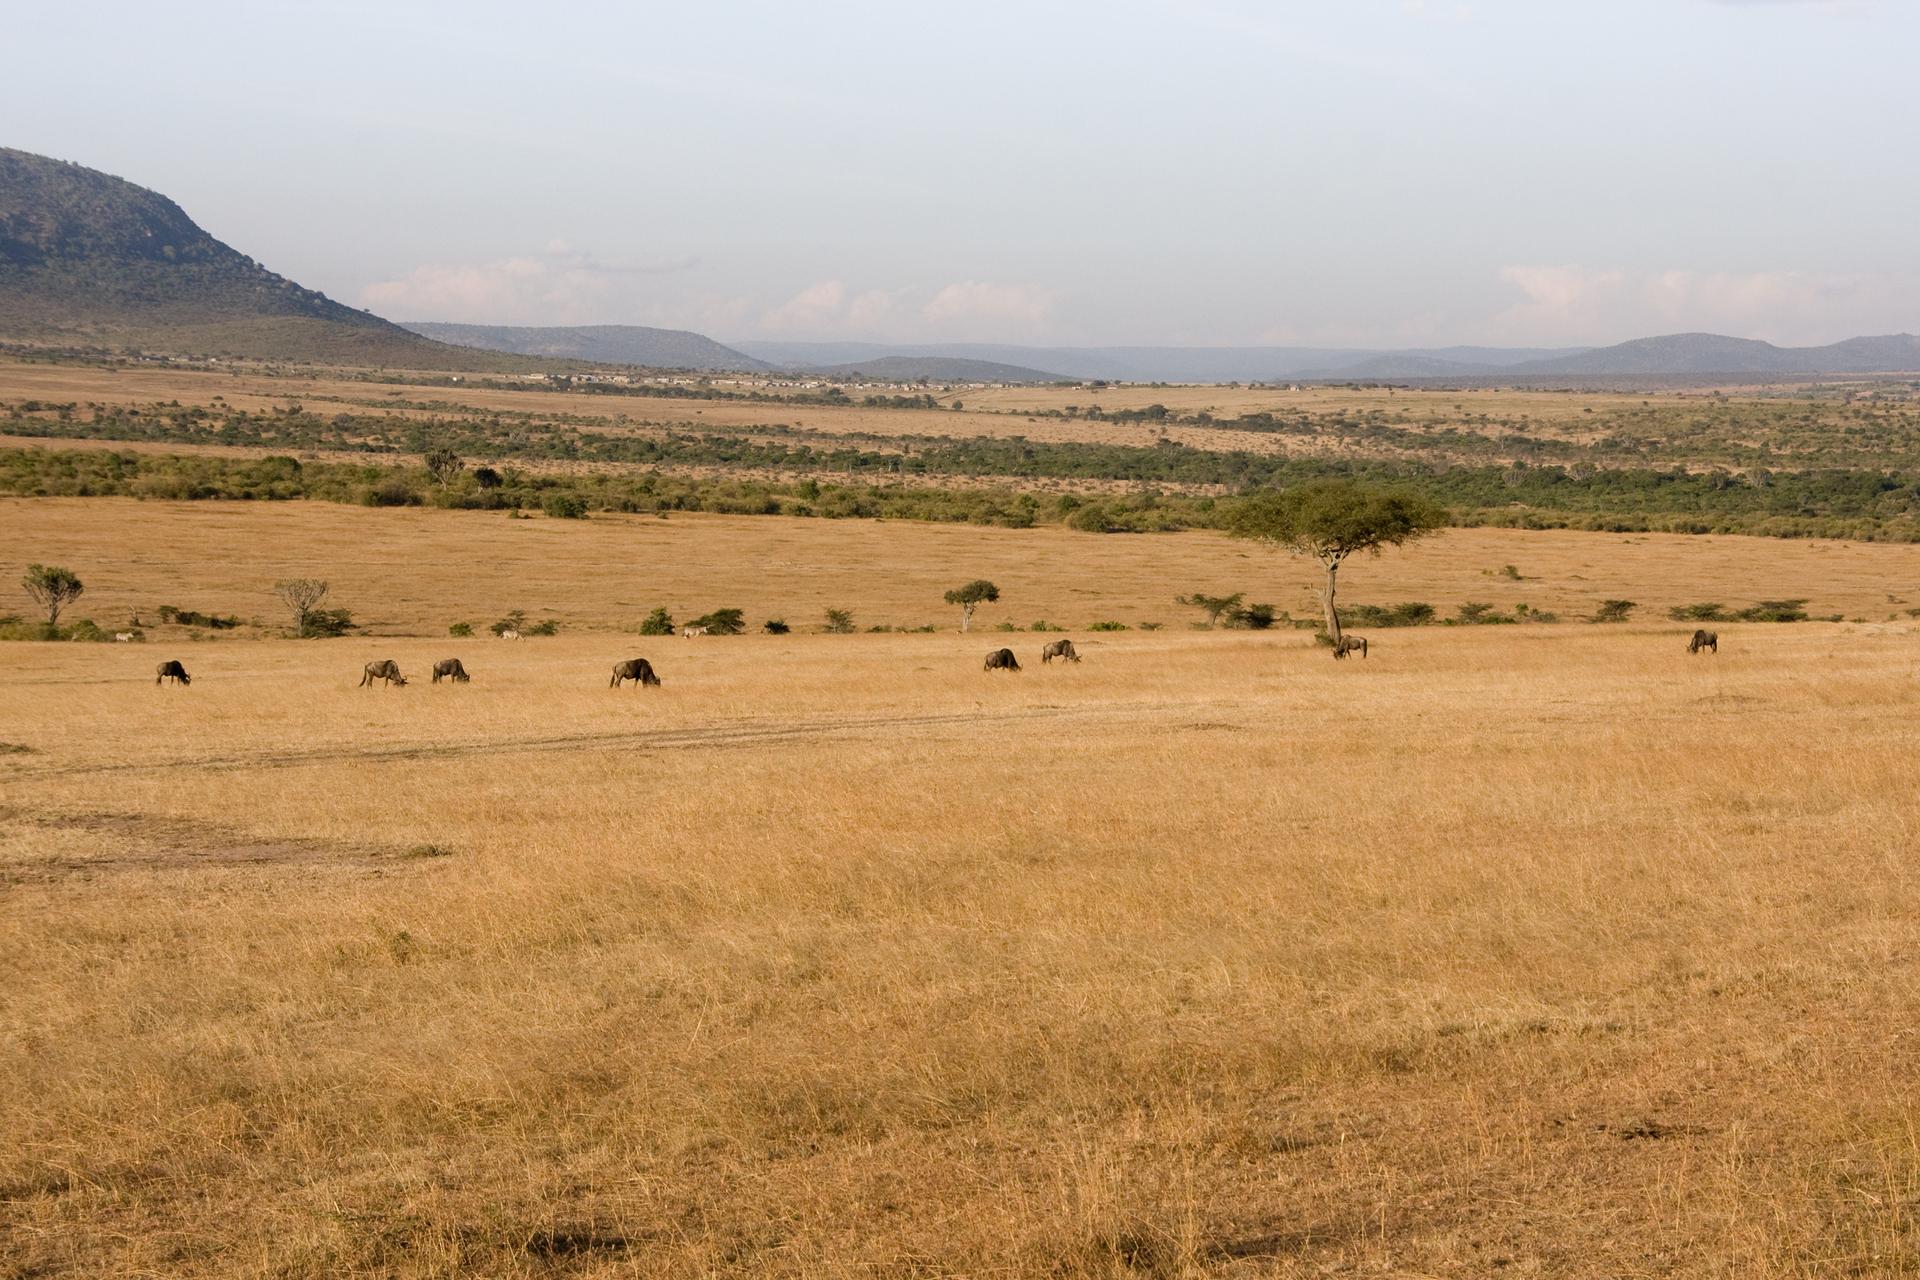 Fotografia przedstawia krajobraz sawanny ze zrudziałą trawą. Za trawiastą równiną wznoszą się góry. Woddali rosną parasolowate drzewa iinne zarośla. Na trawie pasą się zwierzęta kopytne.